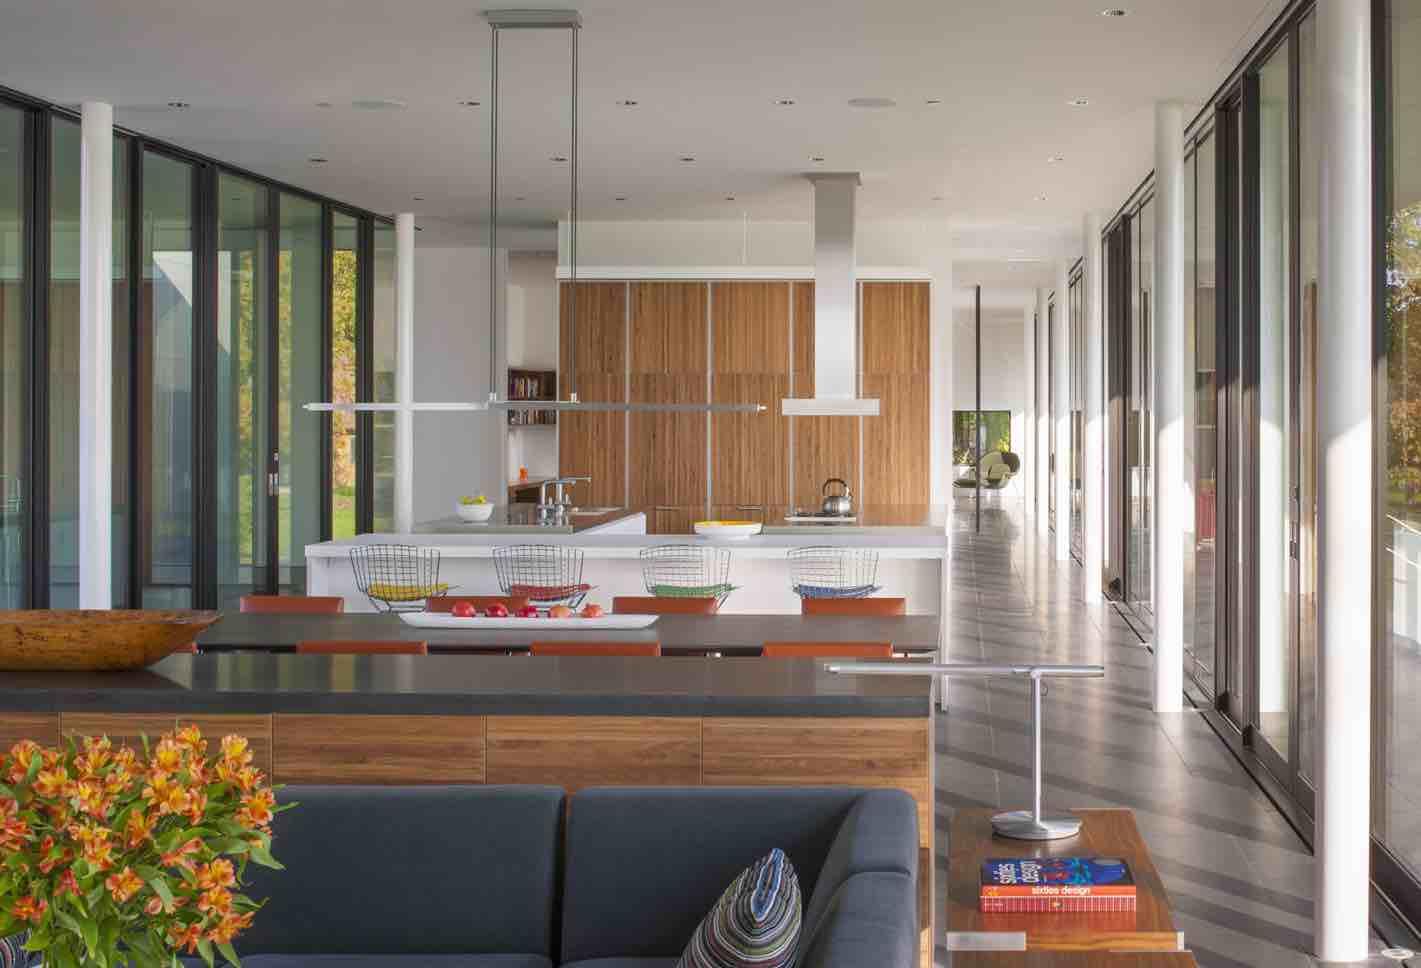 tred-avon-river-house-robert-m-gurney-architect_mackenzie-gurney-guttmanresidence-19